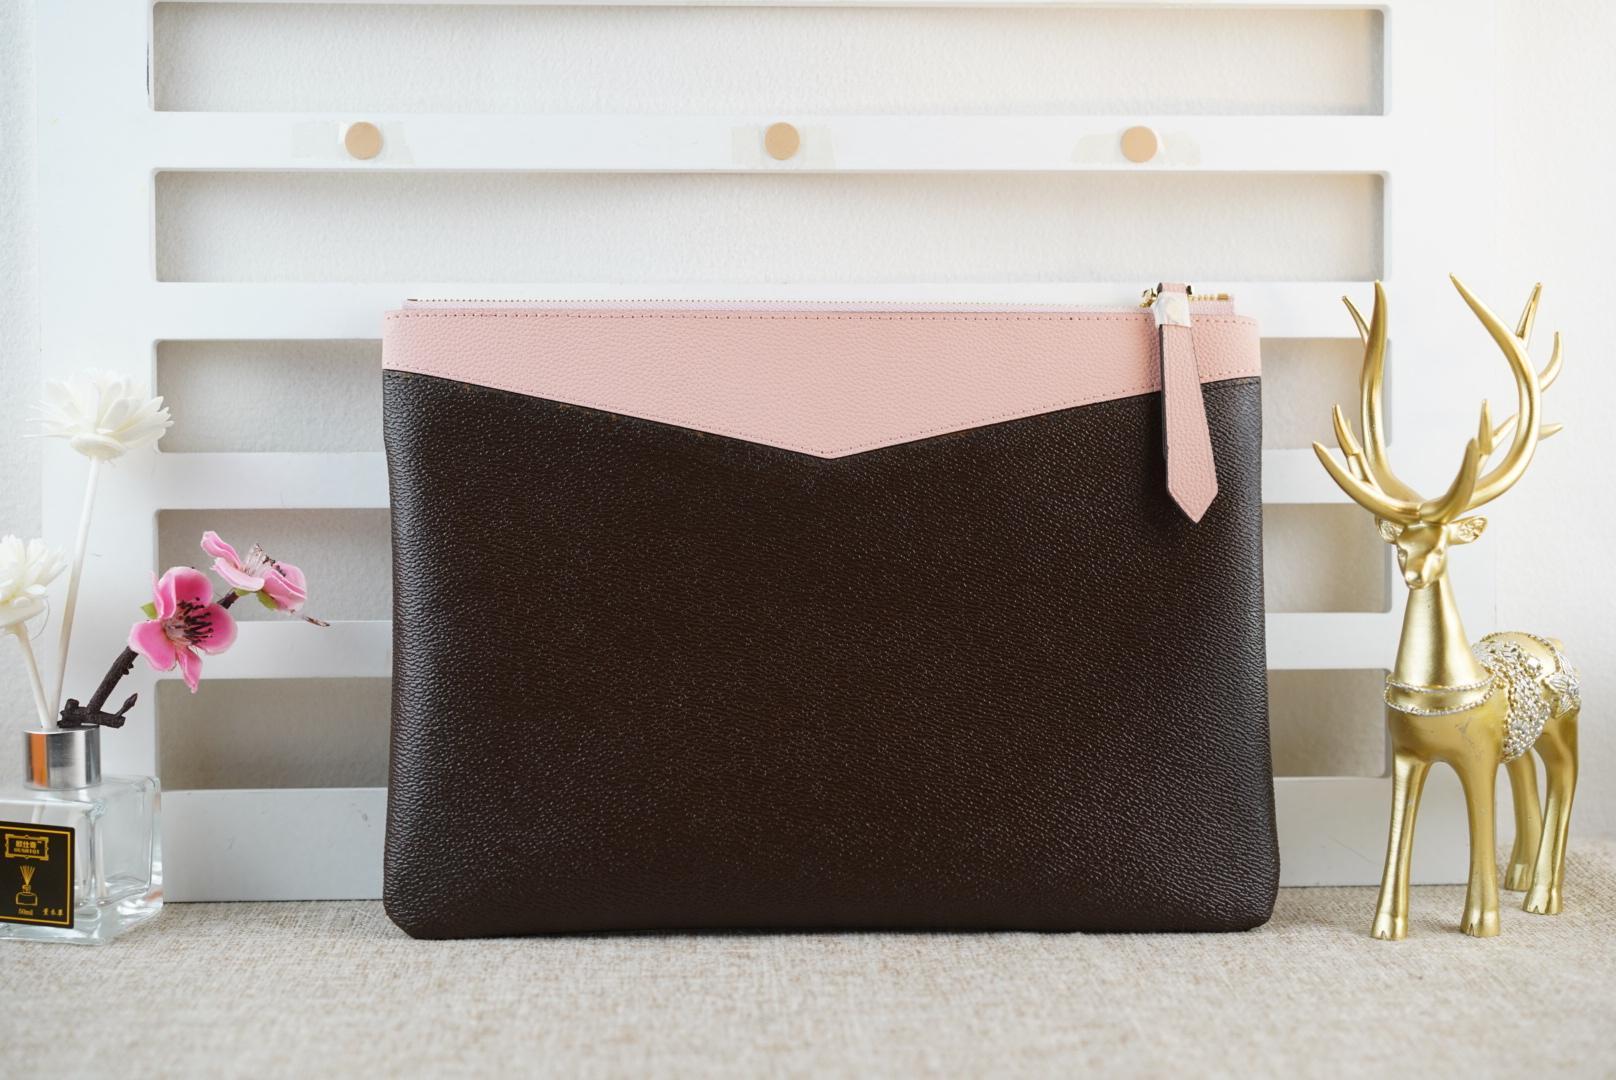 2021 nouveau sac d'embrayage sacs à main sac véritables sacs à glissière en cuir véritable Sacs de crochebody Sac de concepteur Sac à main vient avec une boîte